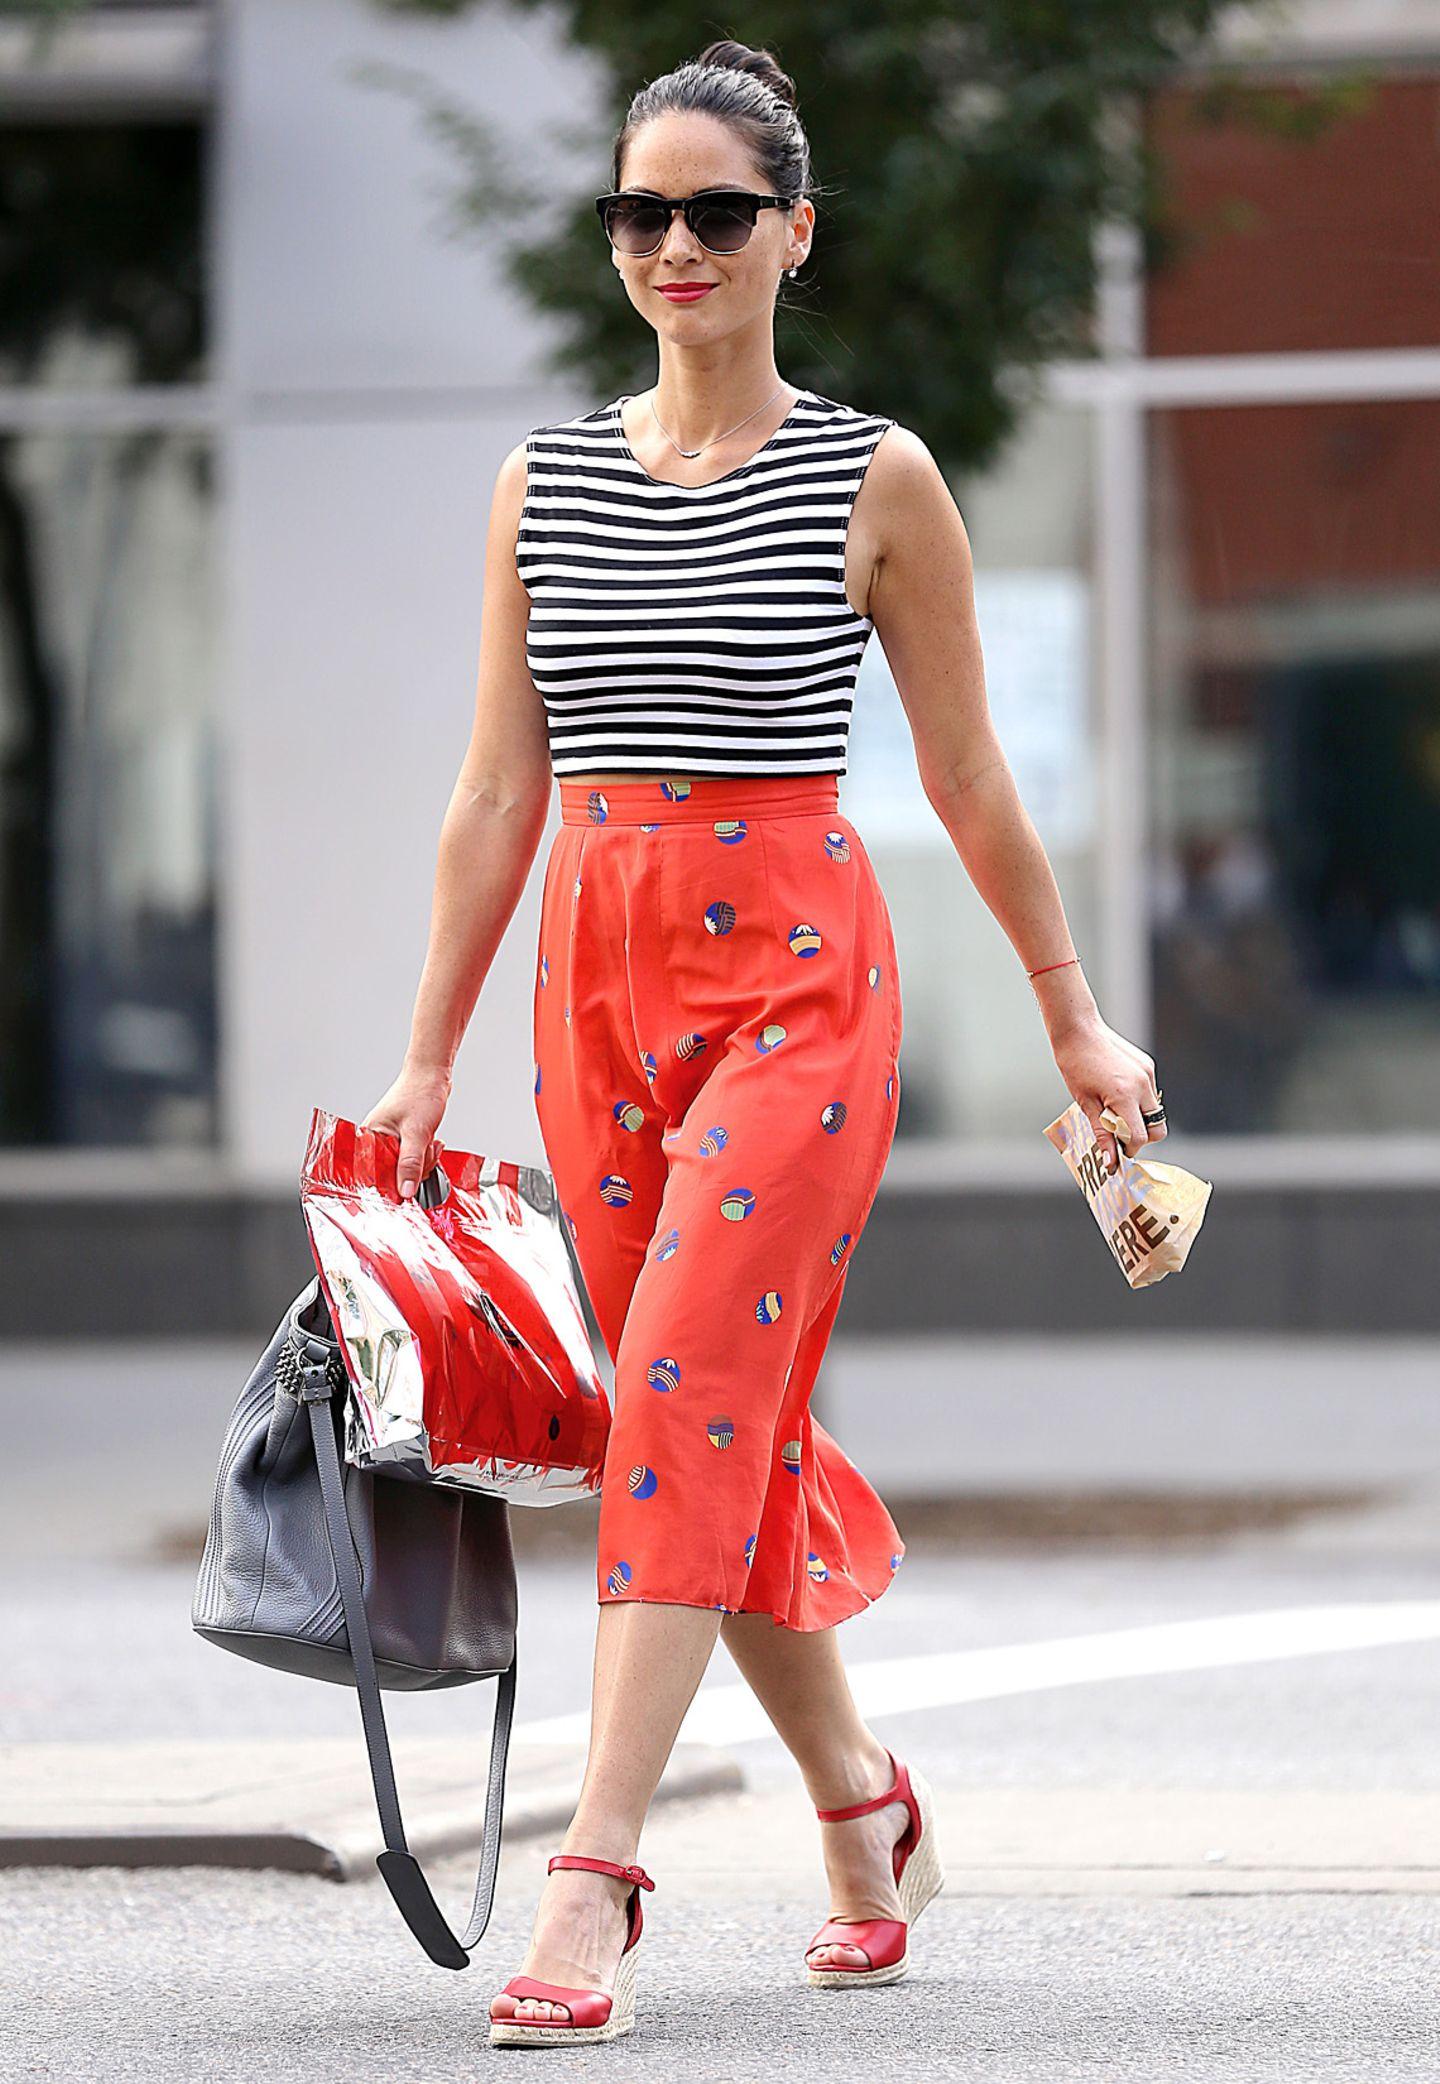 Gestreifte Outfits mit anderen Mustern zu kombinieren kann manchmal schiefgehen, nicht so bei Olivia Munn.